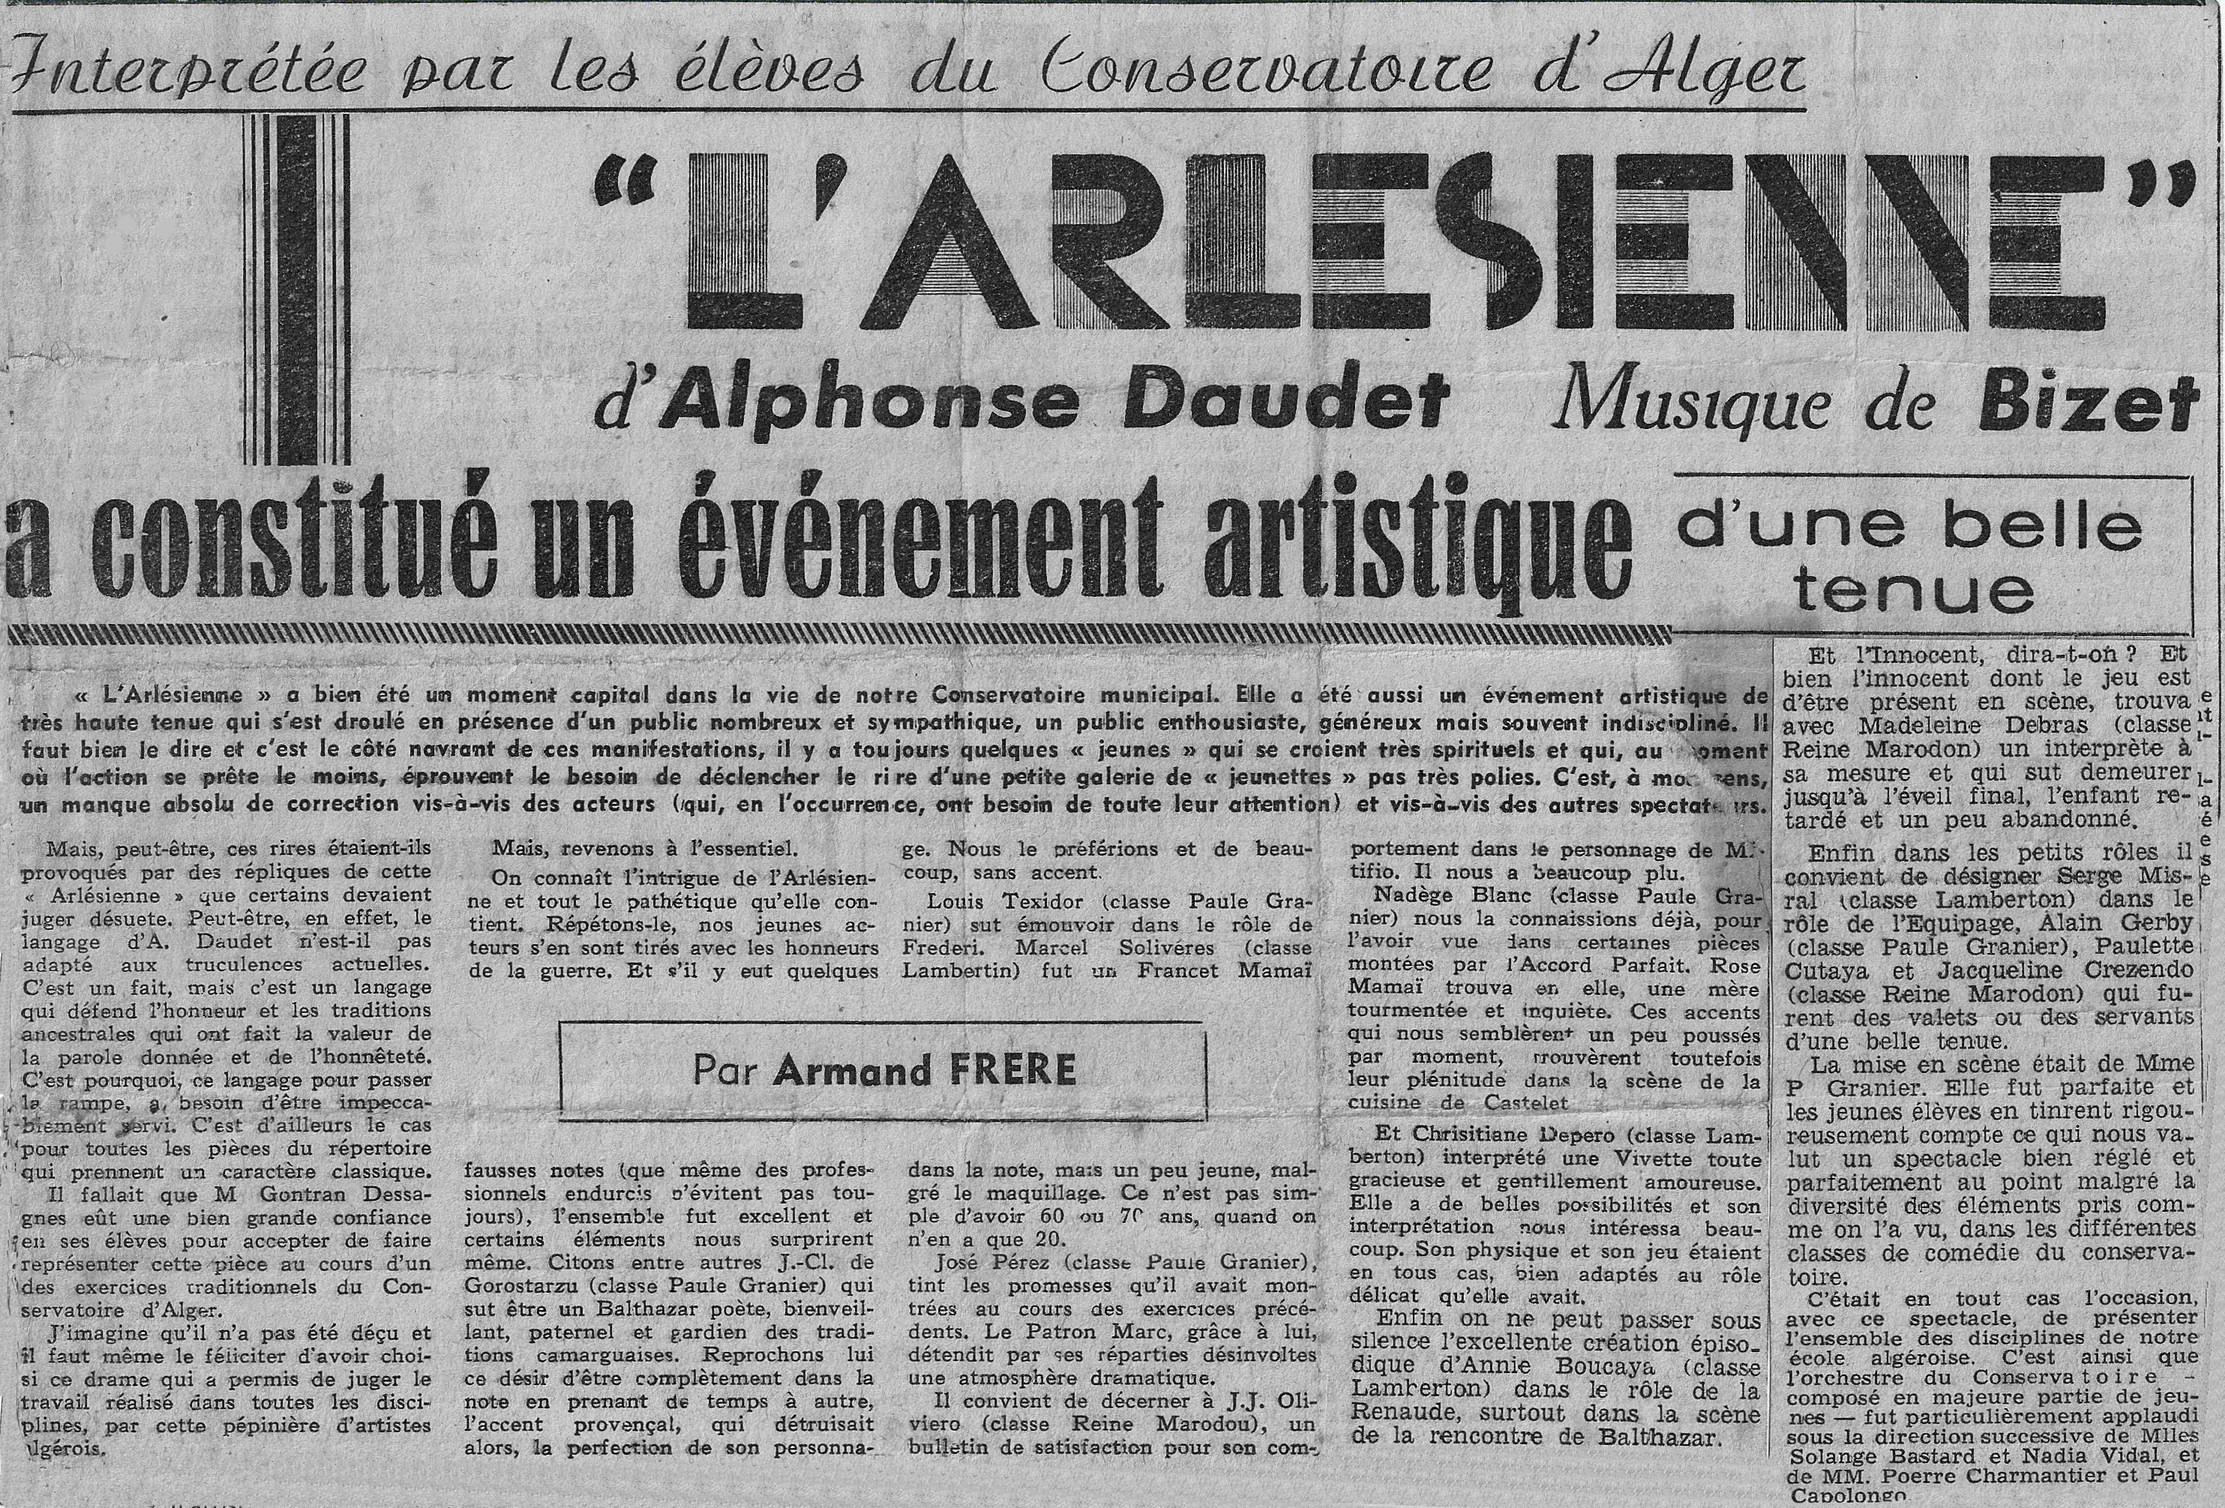 L'Arlésienne par le Conservatoire d'Alger - 1958